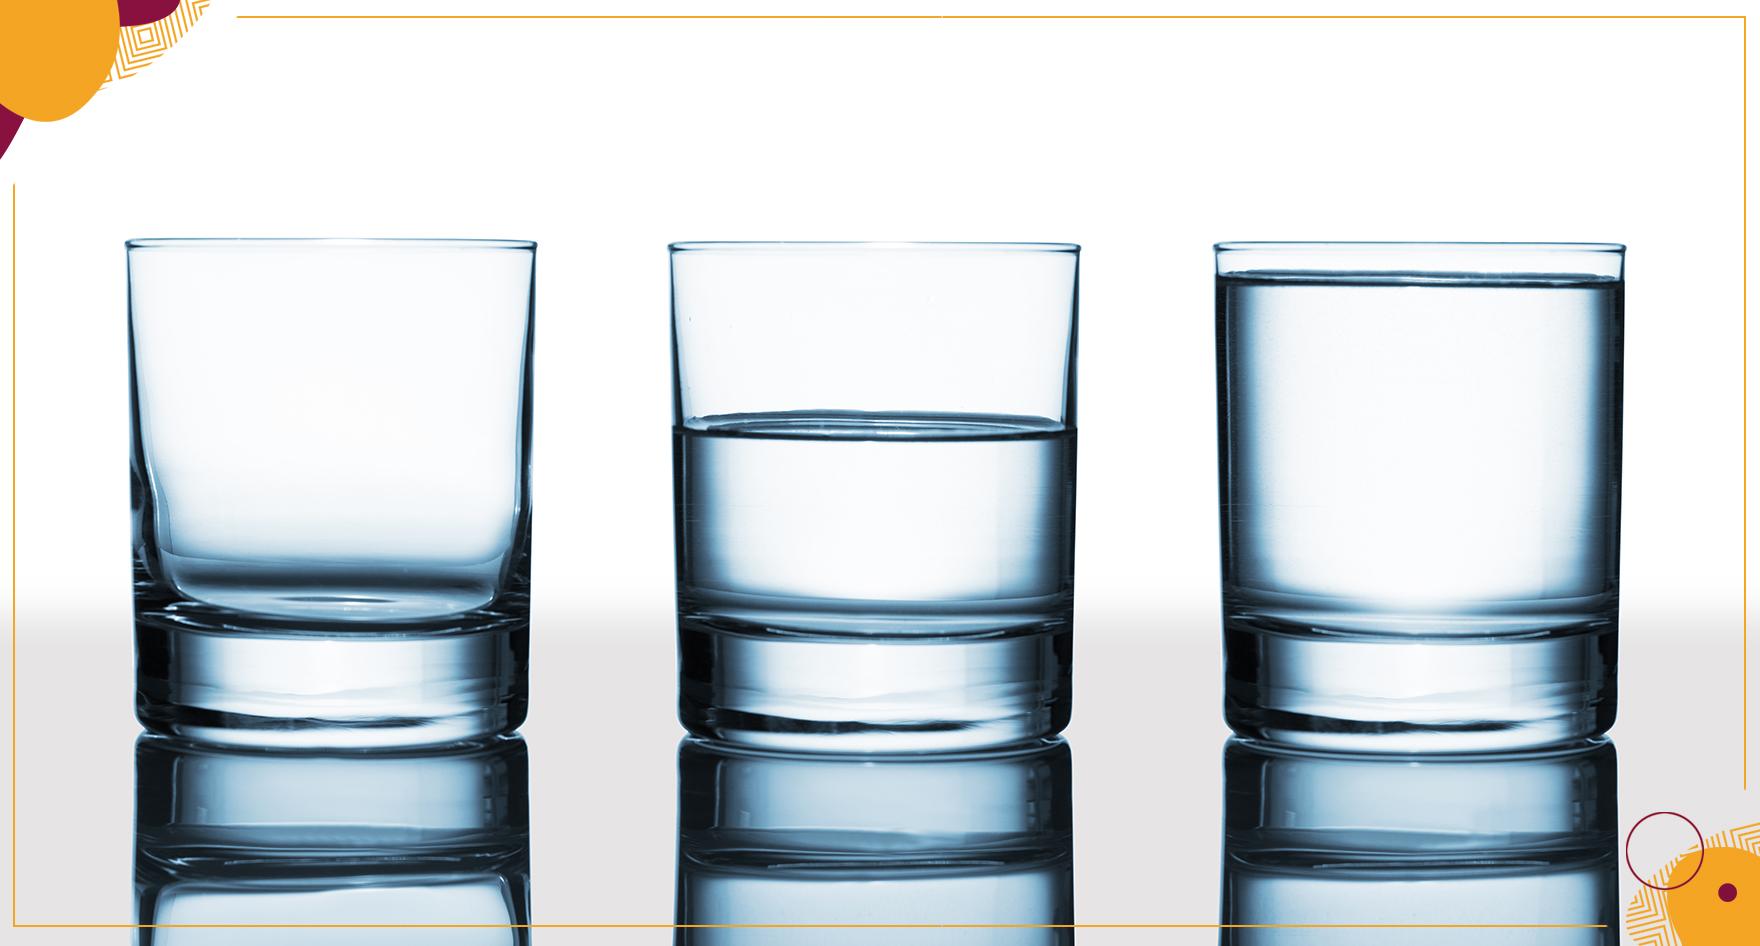 Sem essa de copo meio vazio: pessoas são copo inteiro!